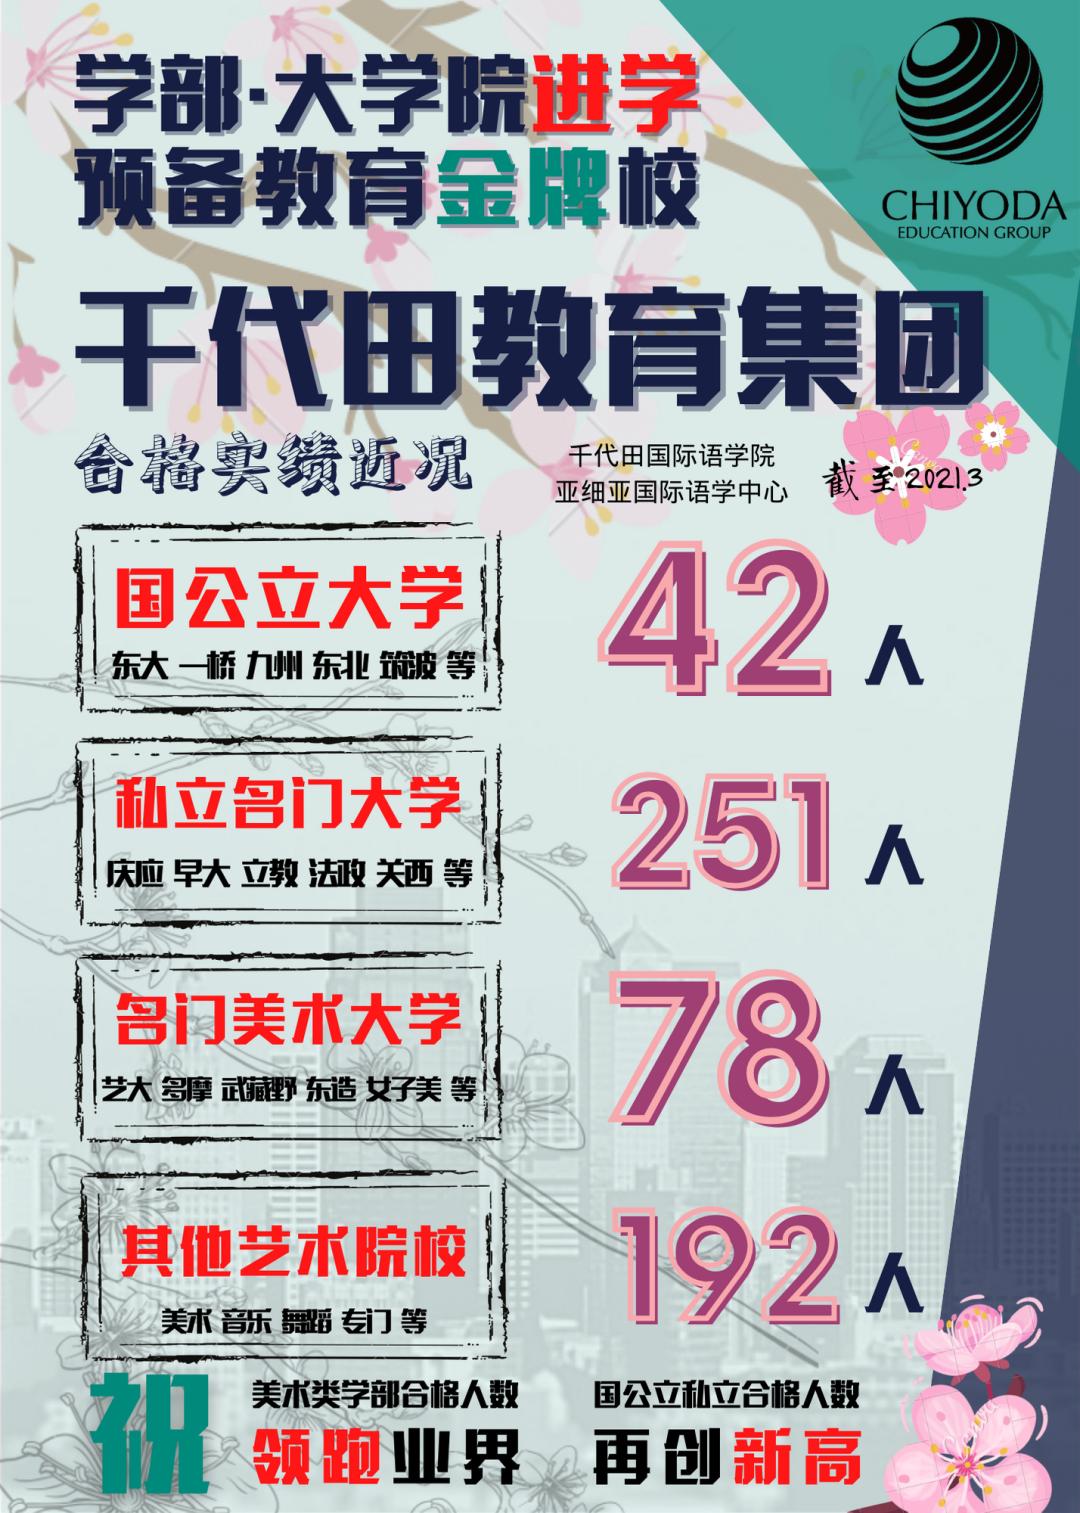 千代田新闻丨逆境中扬帆启航!千代田学子毕业啦!